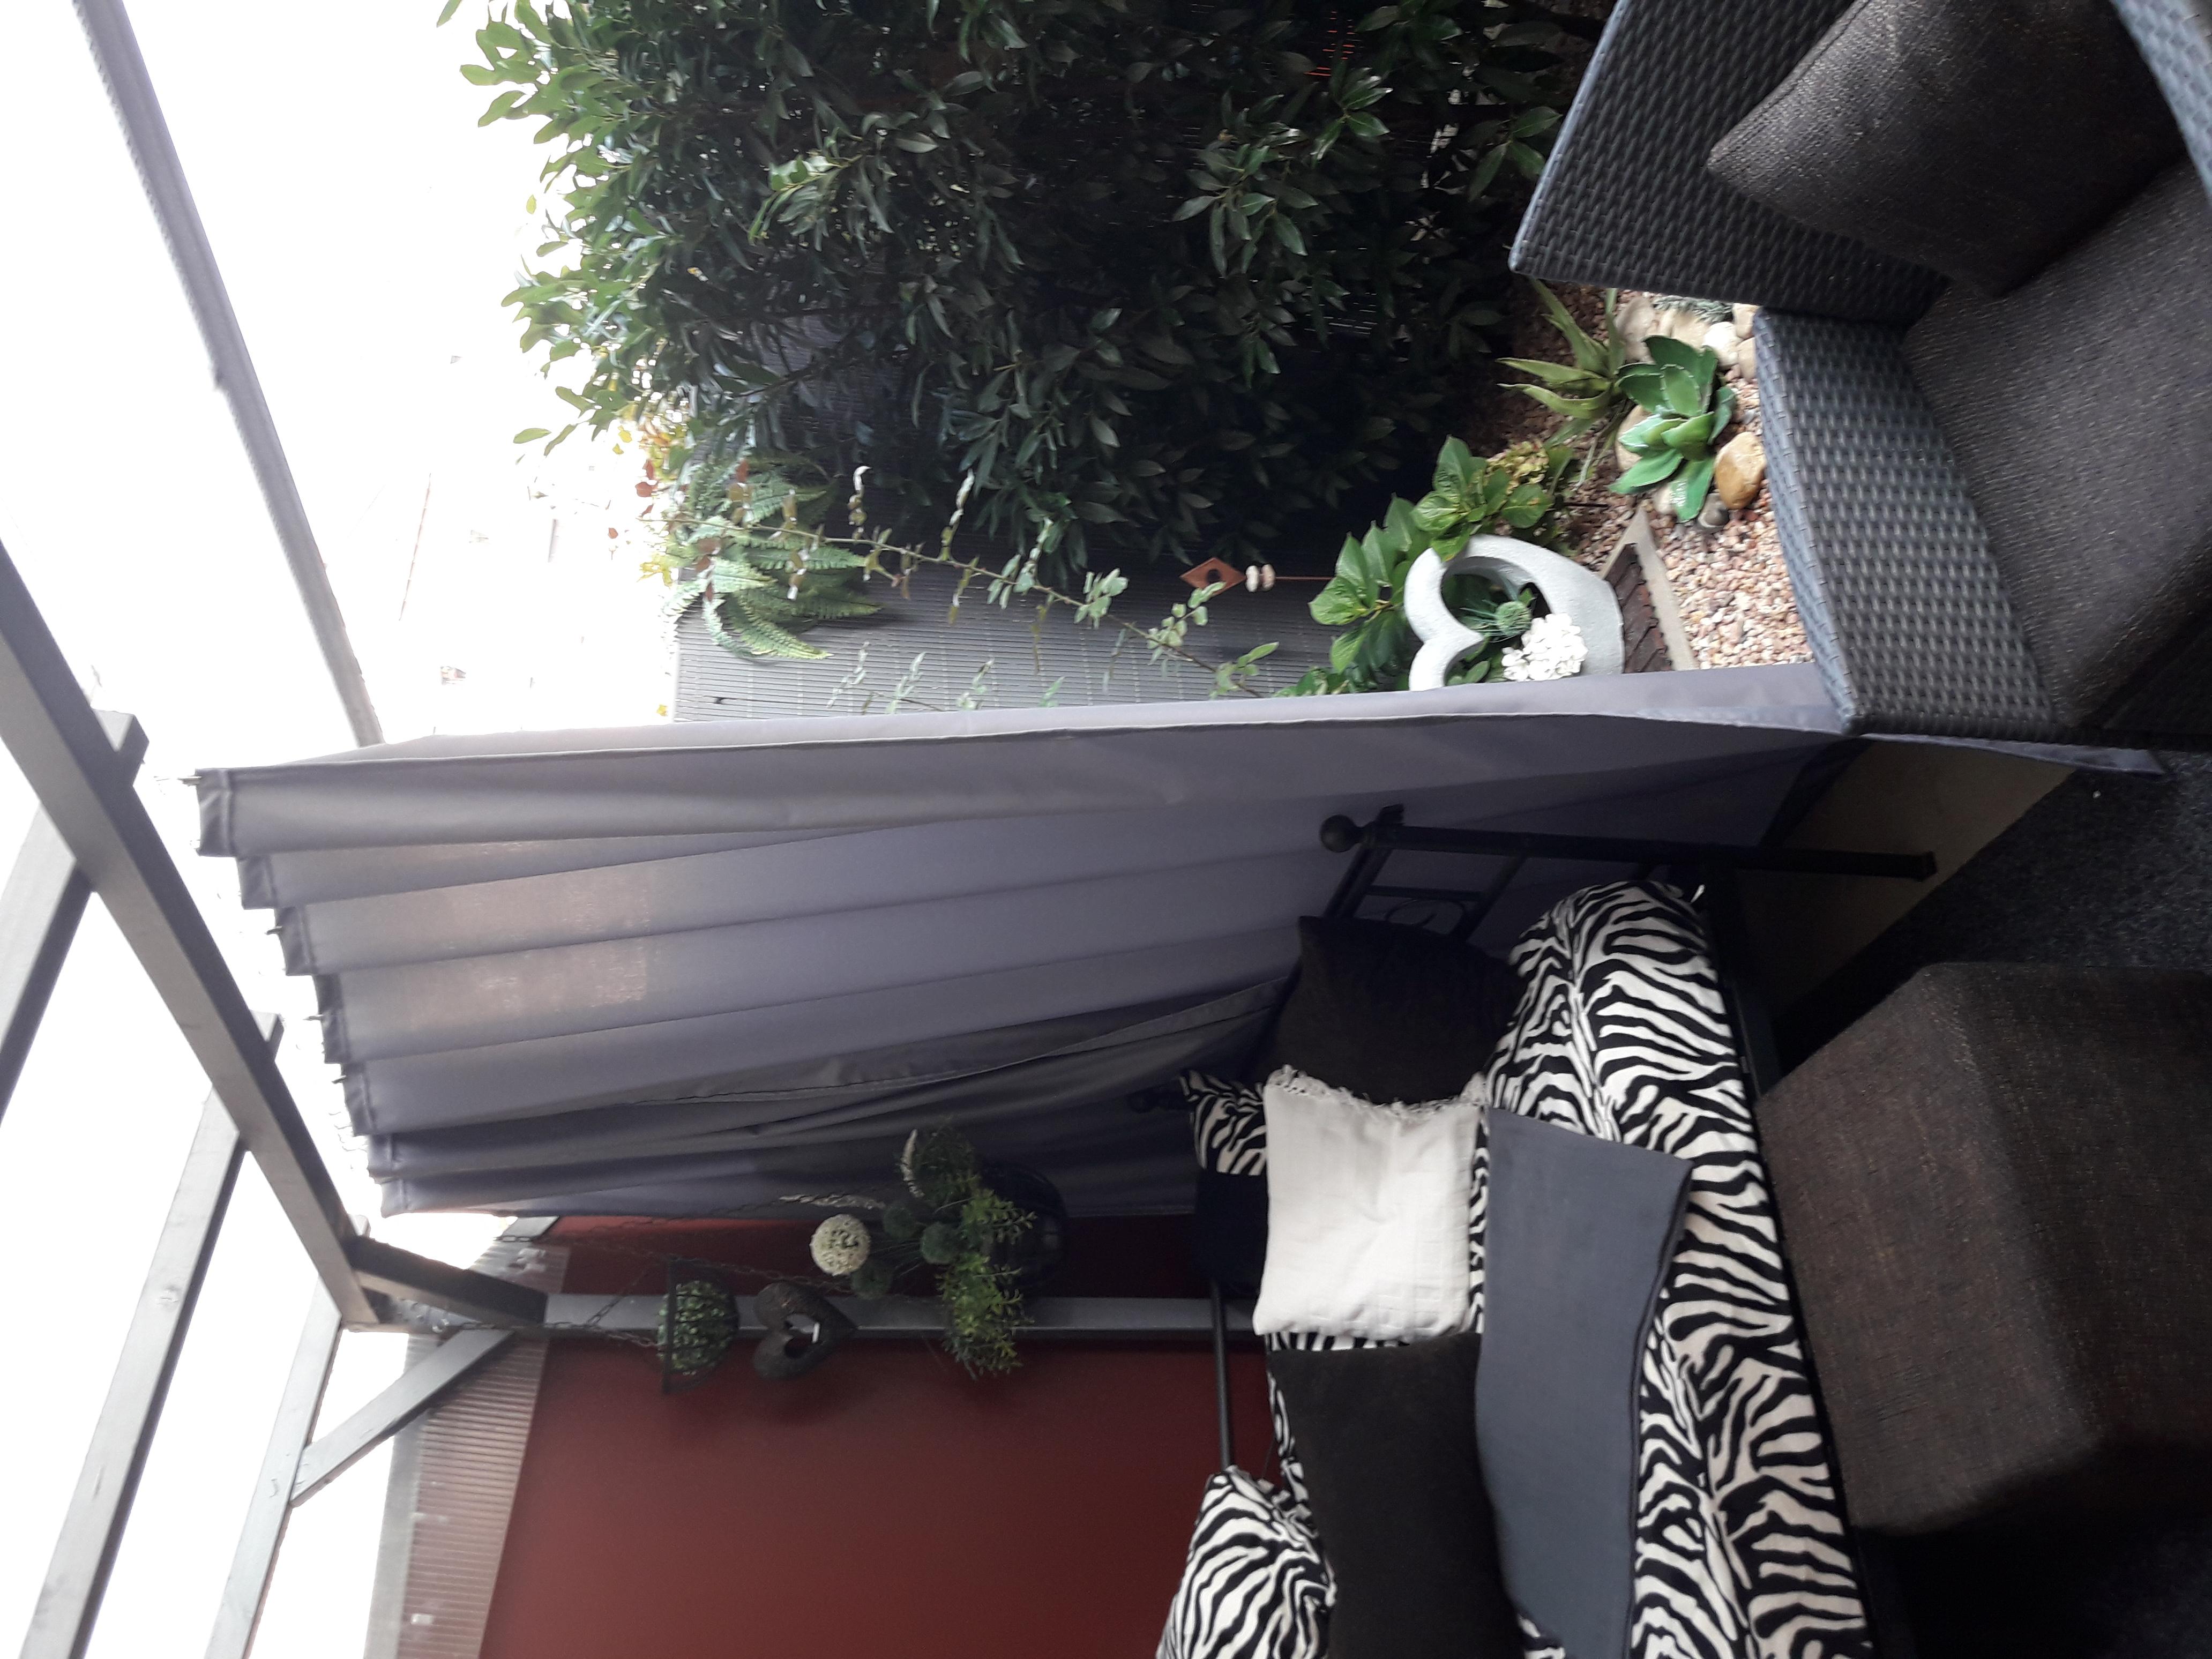 Wasserdichter Vorhang Auf Terrasse Beschweren Gegen Wind